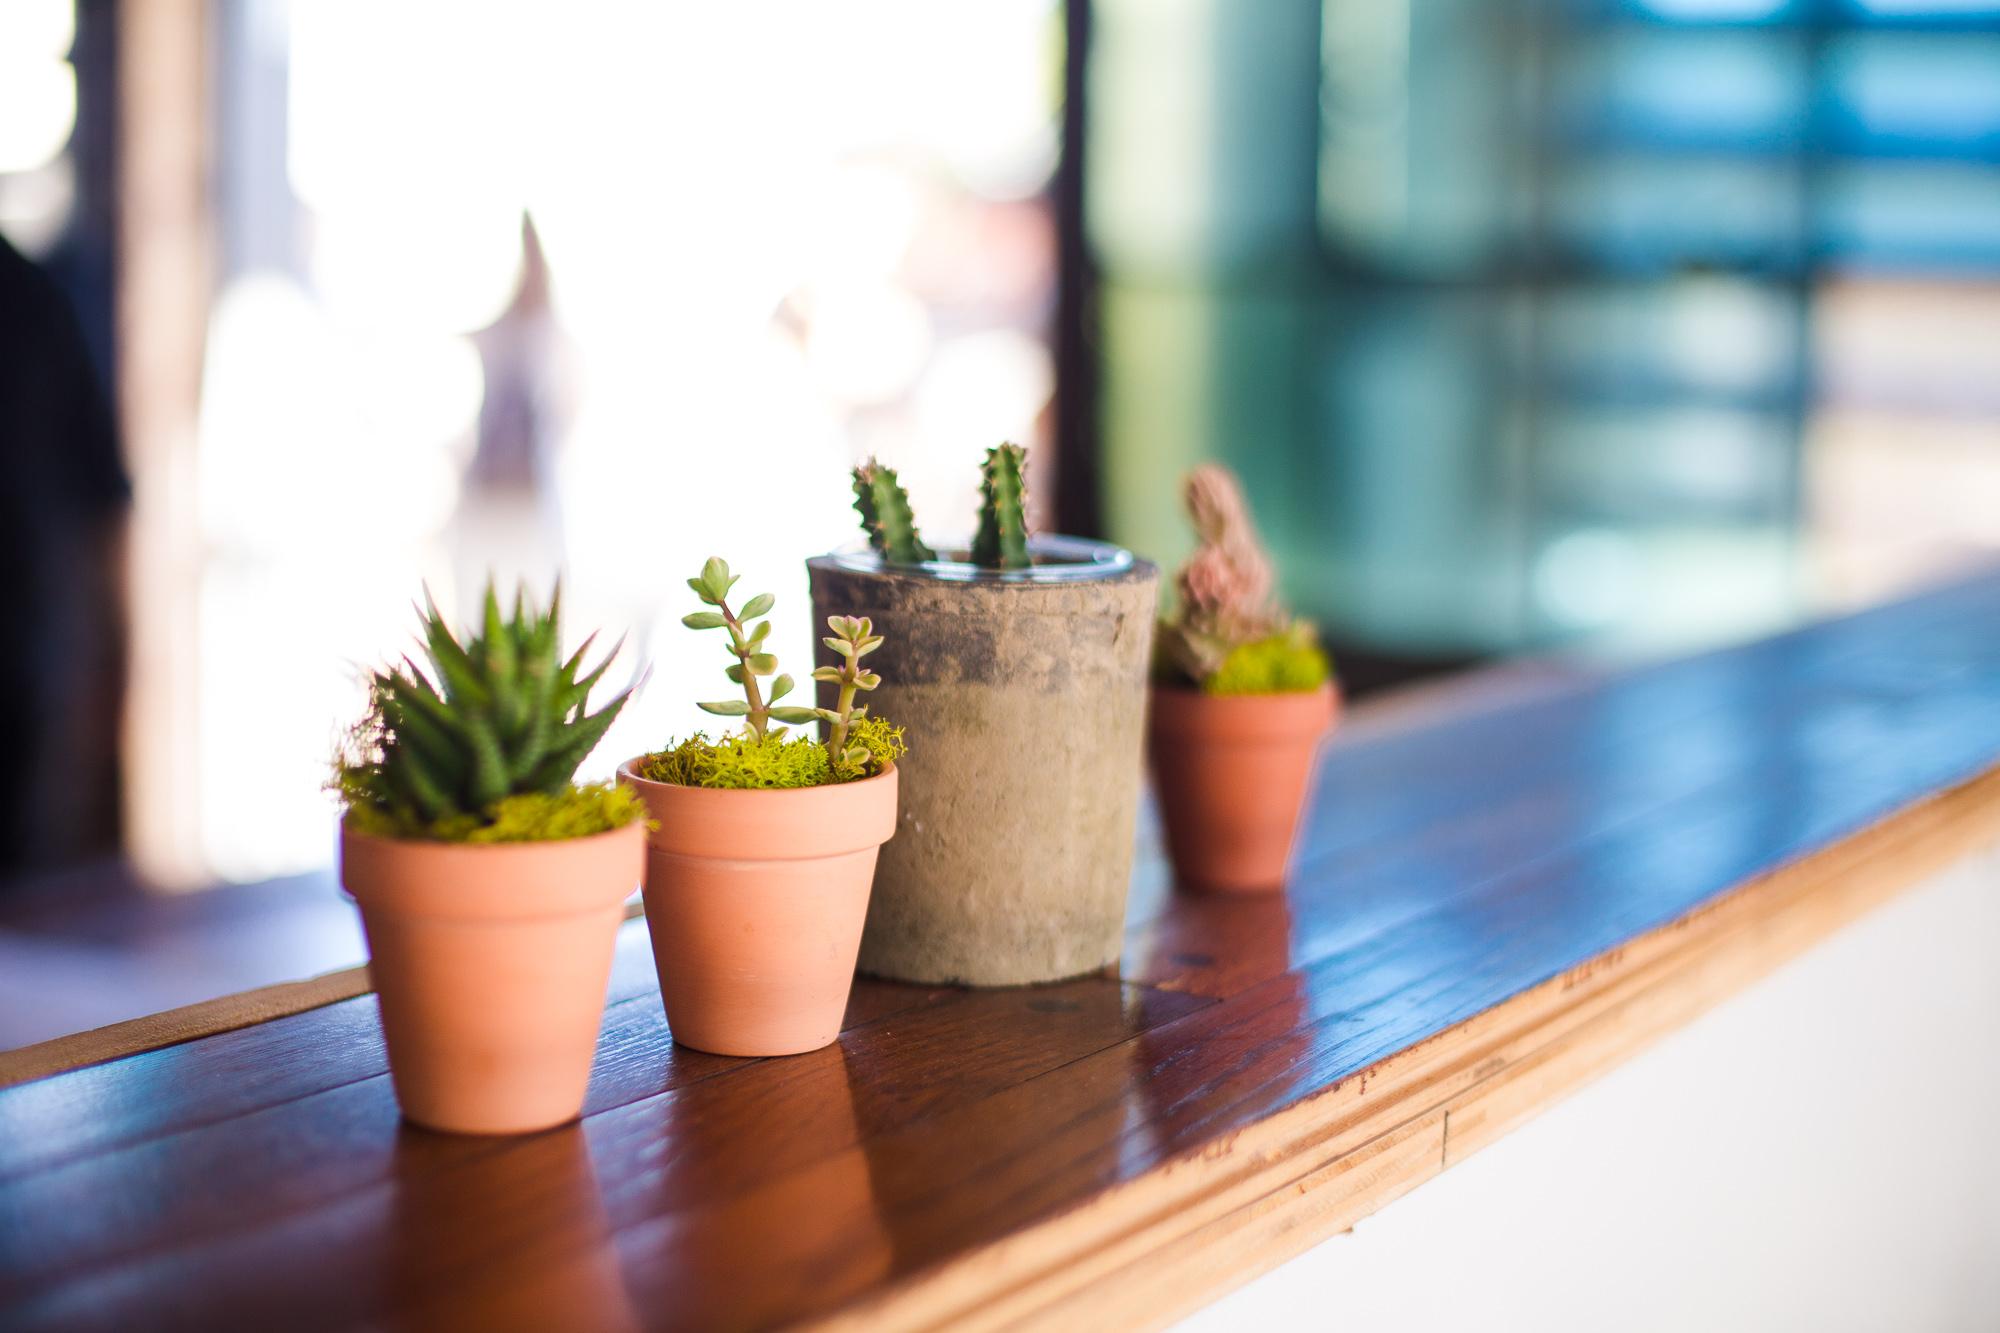 Mini terracotta pots